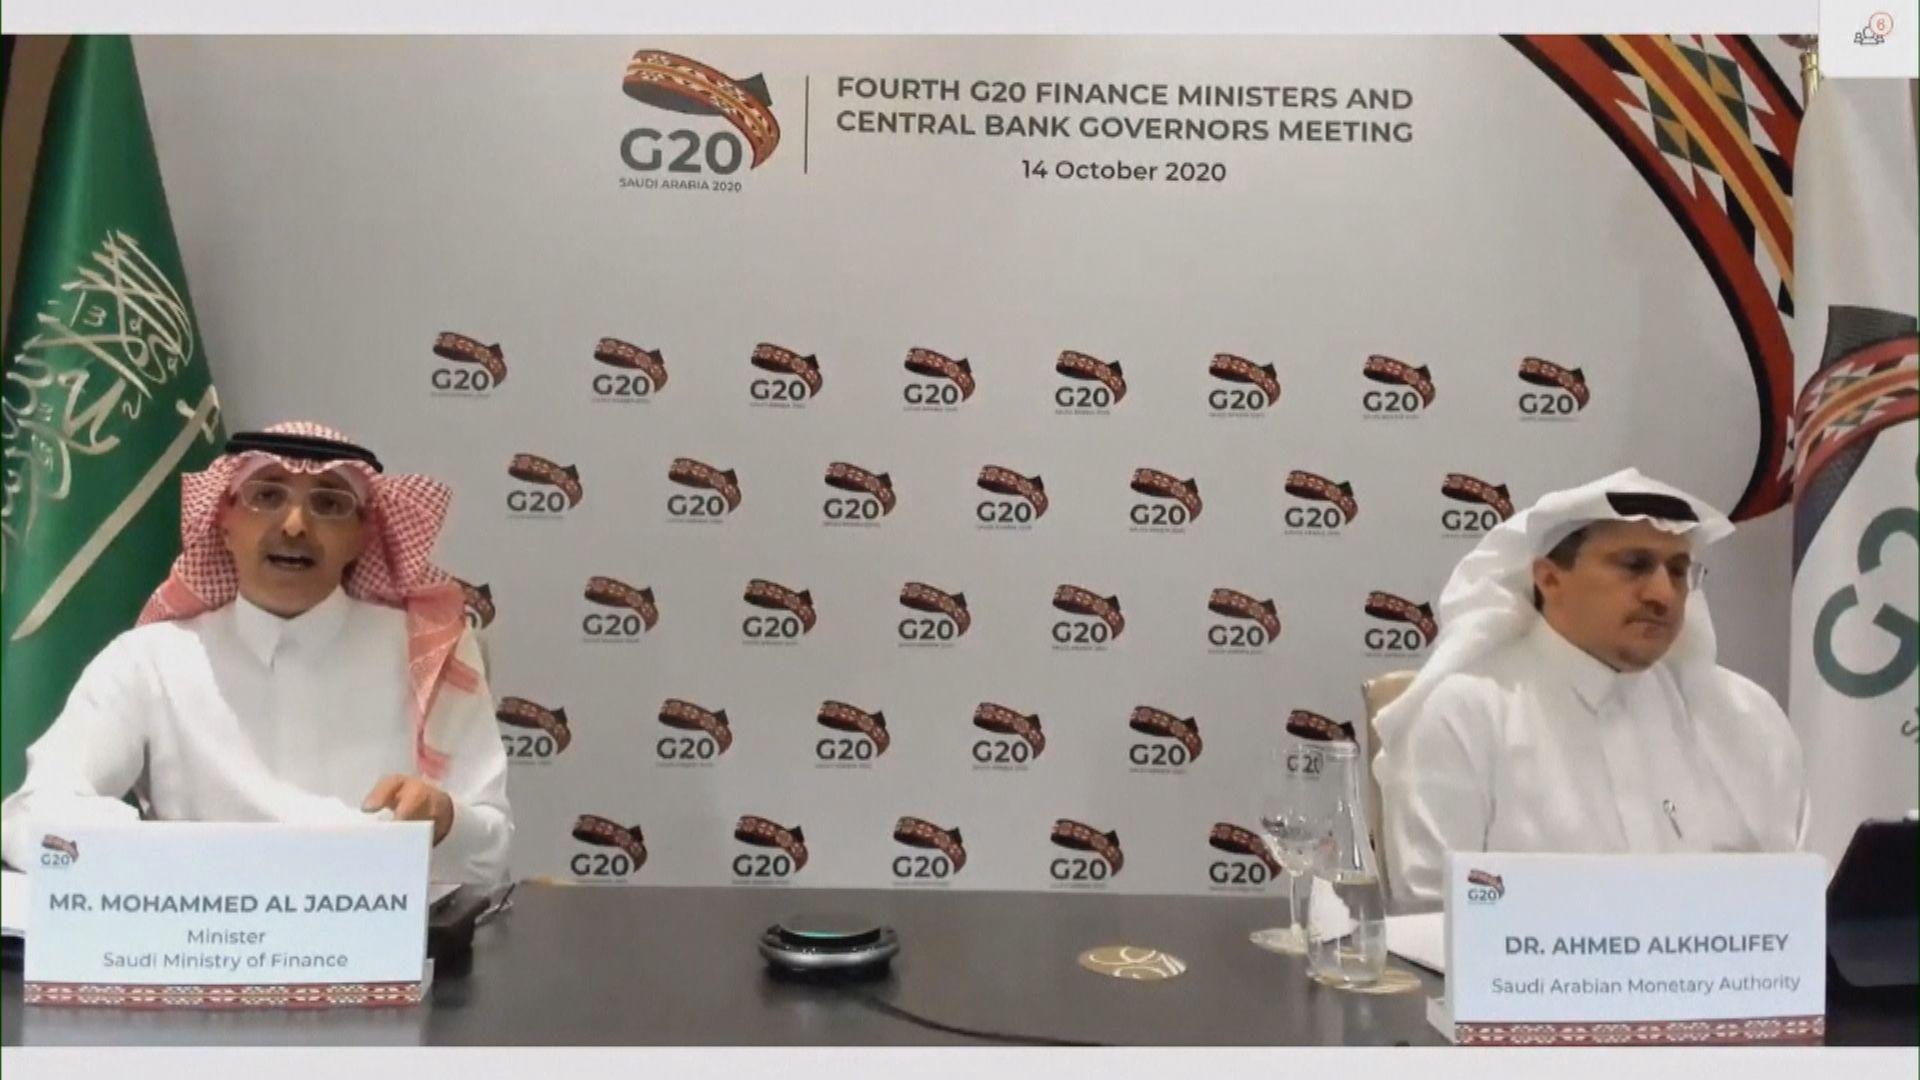 G20延長最貧窮國家延期償還官方雙邊債務六個月